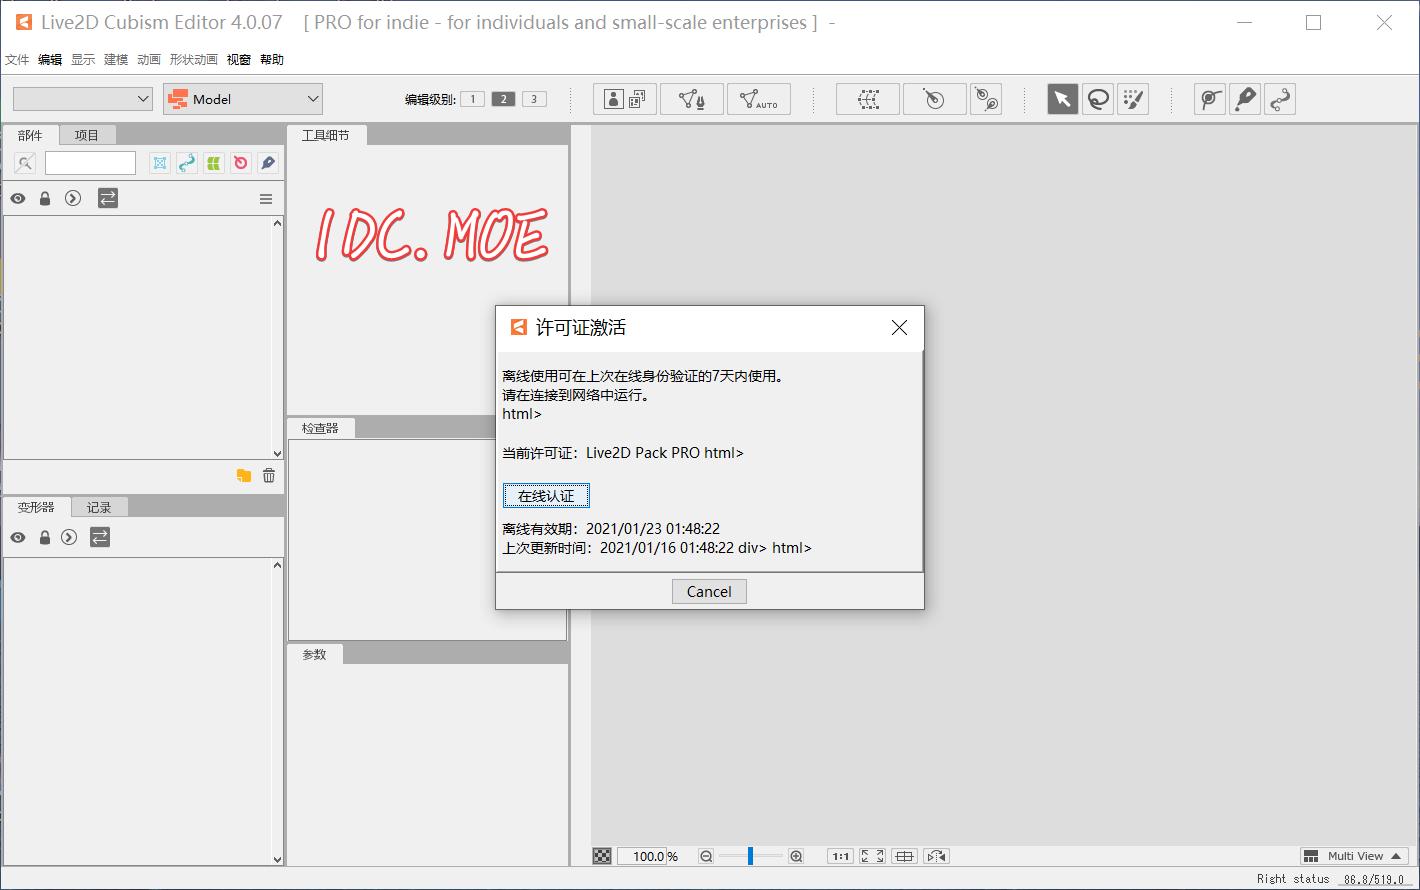 Live2D Cubism Pro